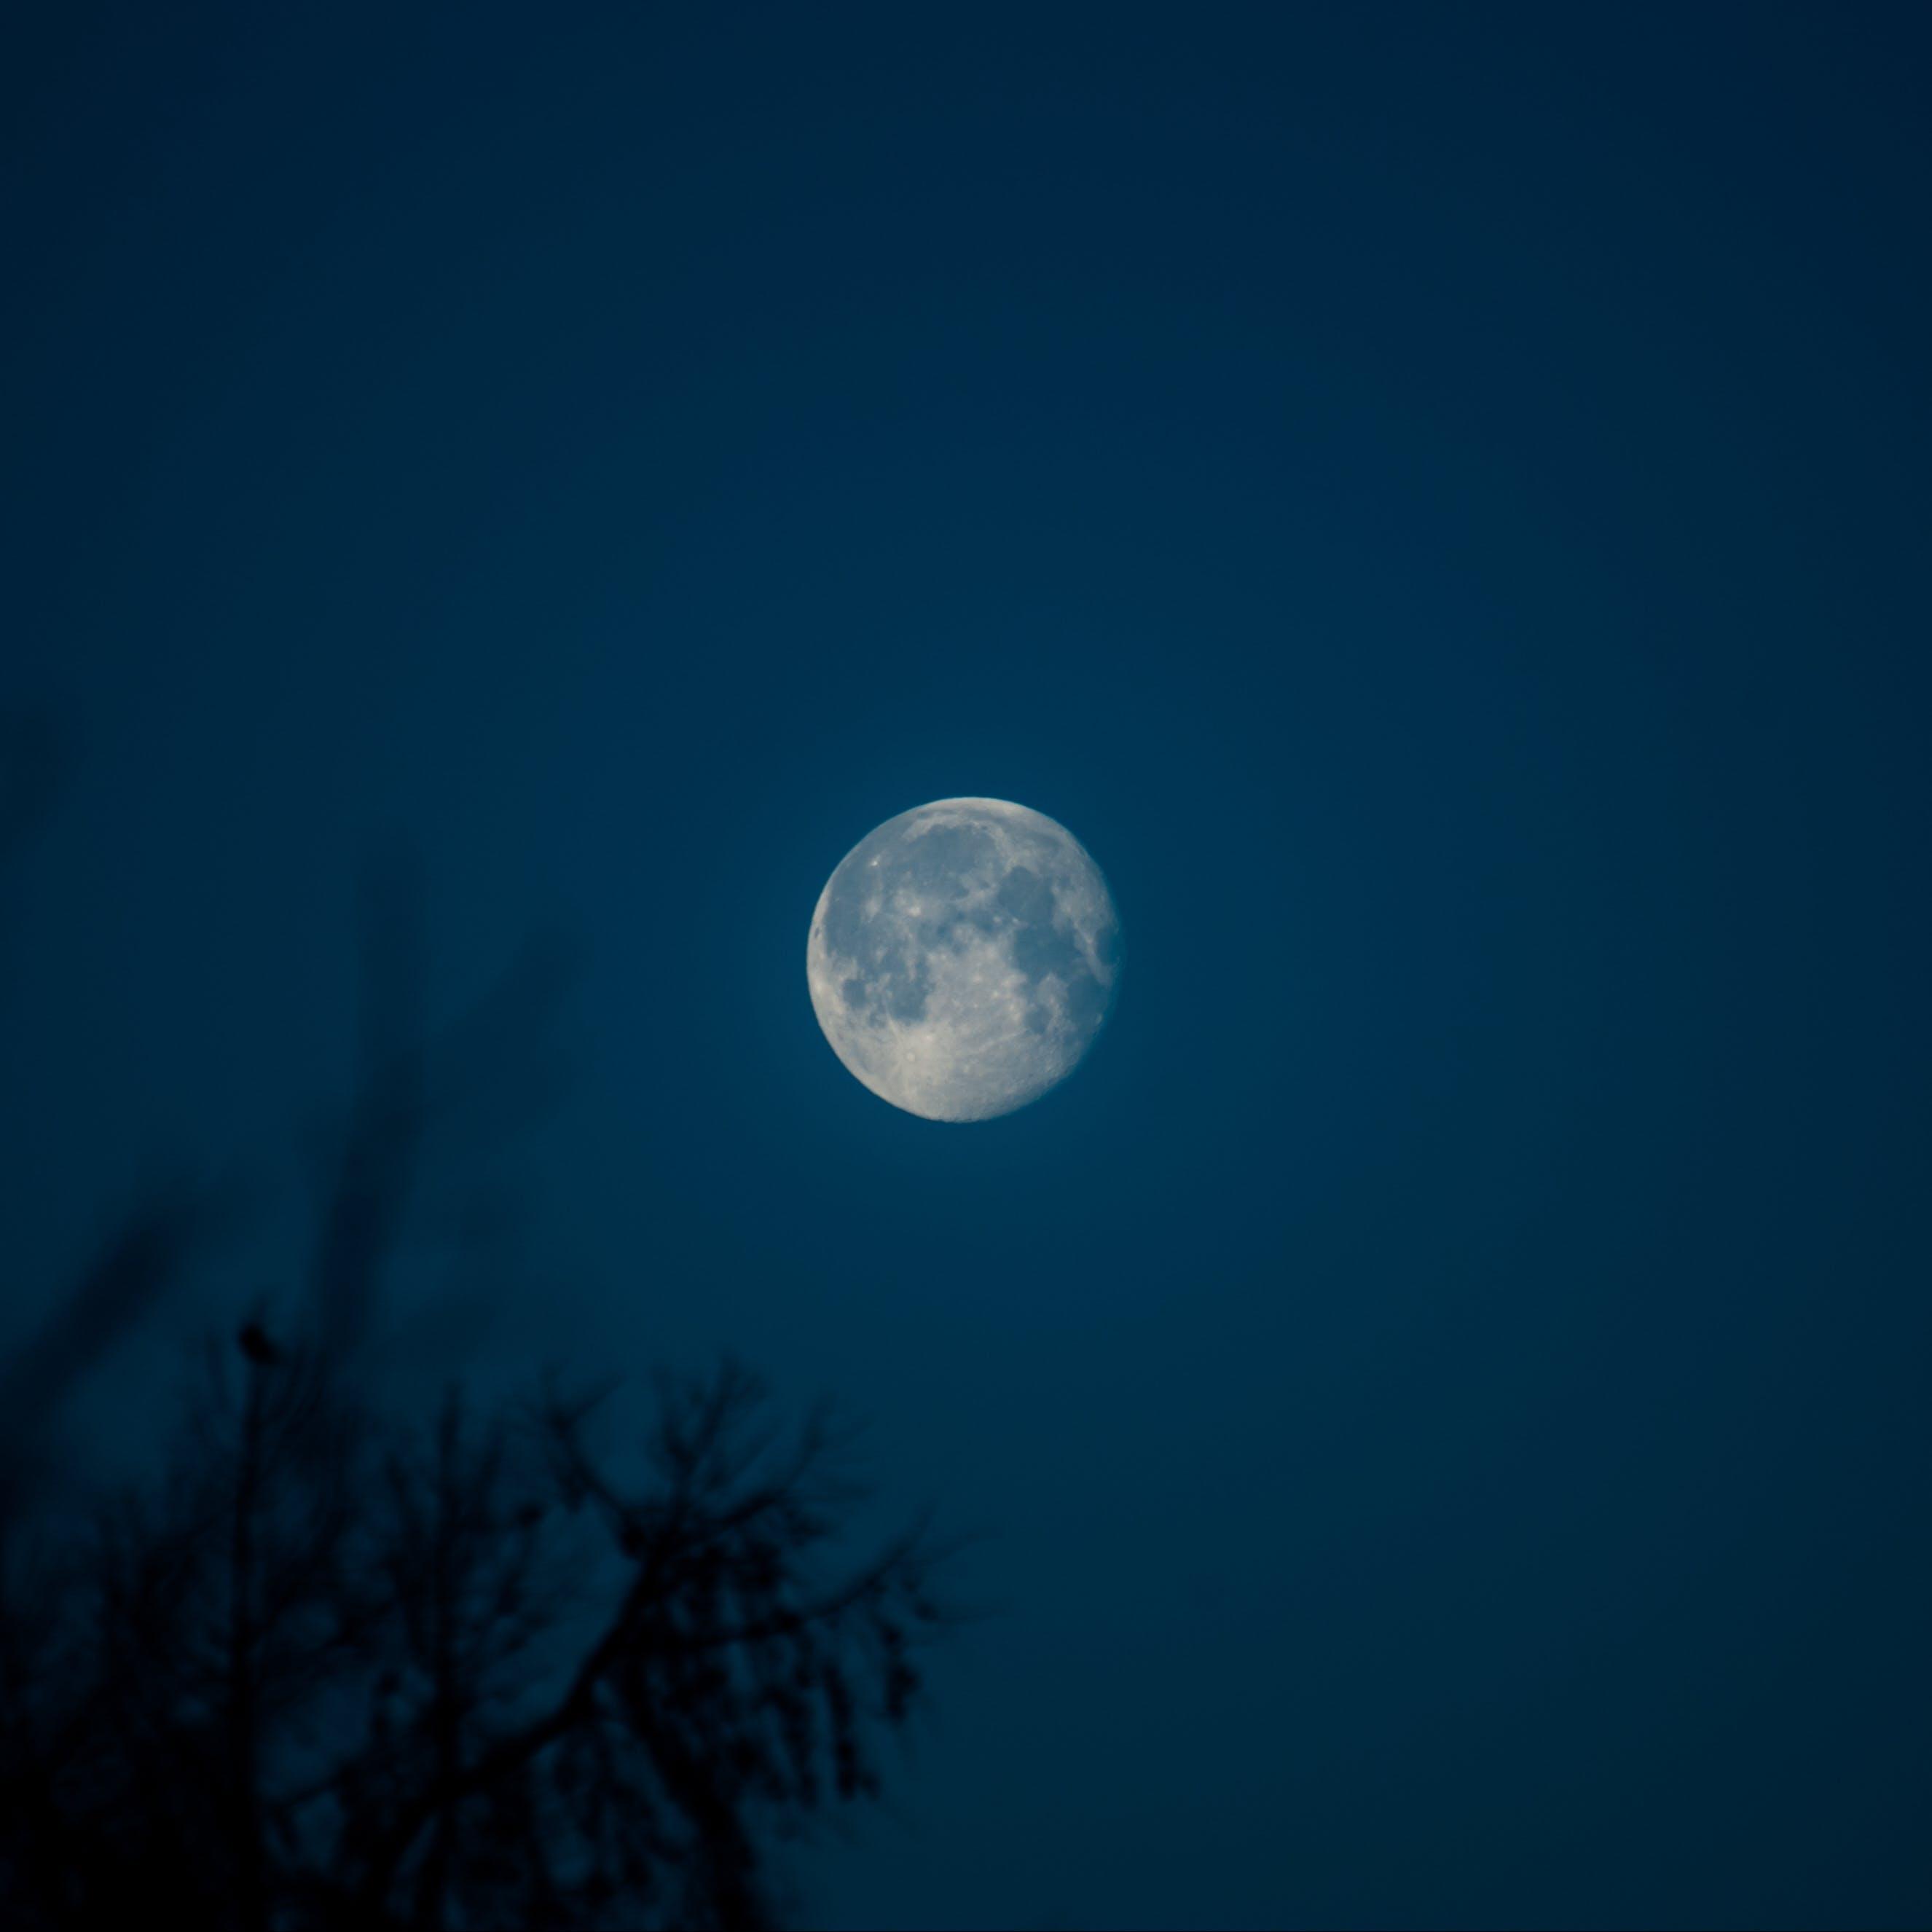 Gratis arkivbilde med klar, måne, mørk, natt